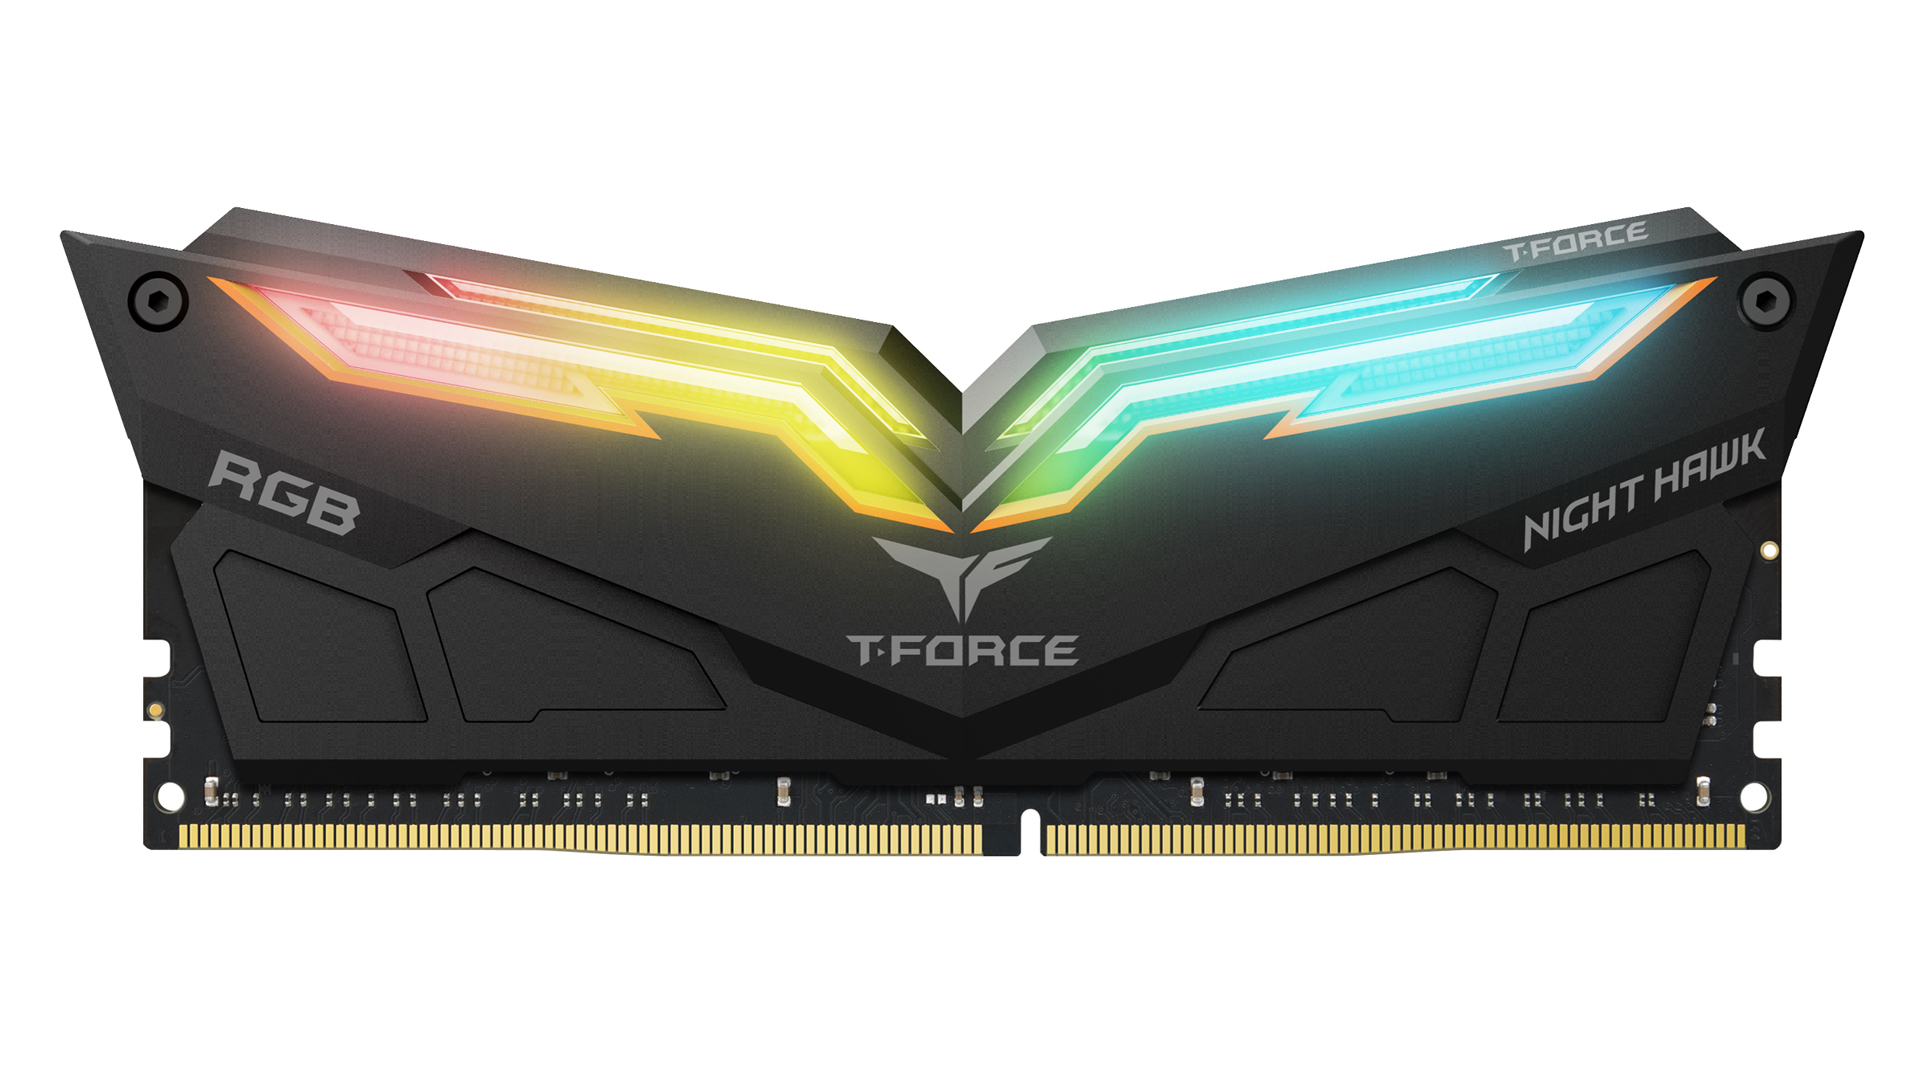 T-FORCE夜鷹電競RGB桌上型記憶體-十銓科技股份有限公司